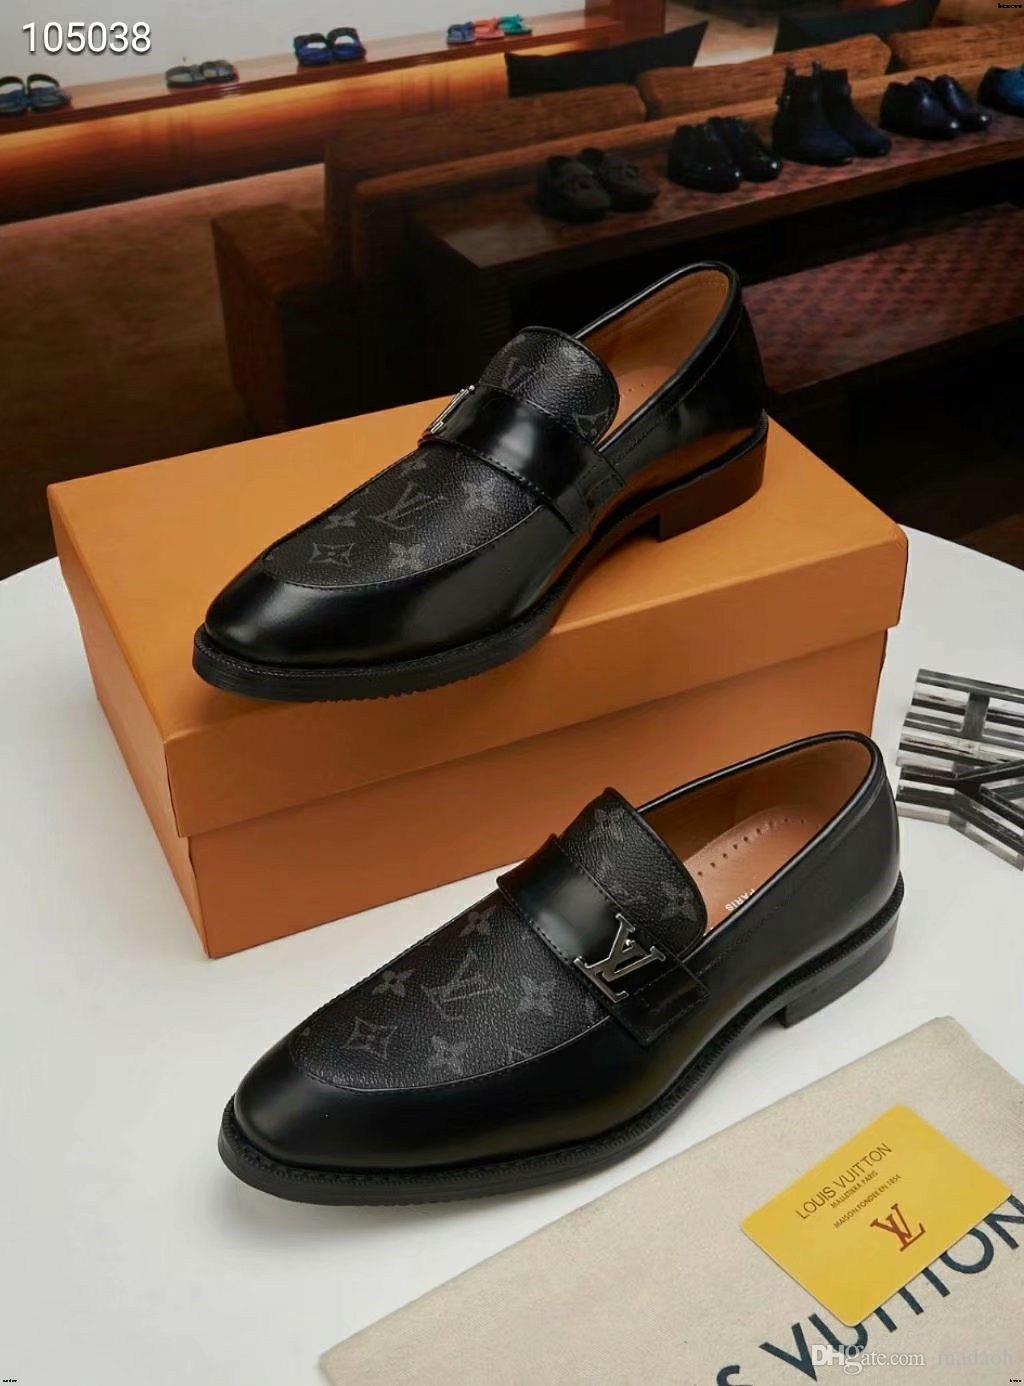 19SS Luxus Comfort Herren Nubuk-Kleid Schuh-Mode-Männer Social Schuhe Business Office Schuh-echtes Leder Brautschuhe